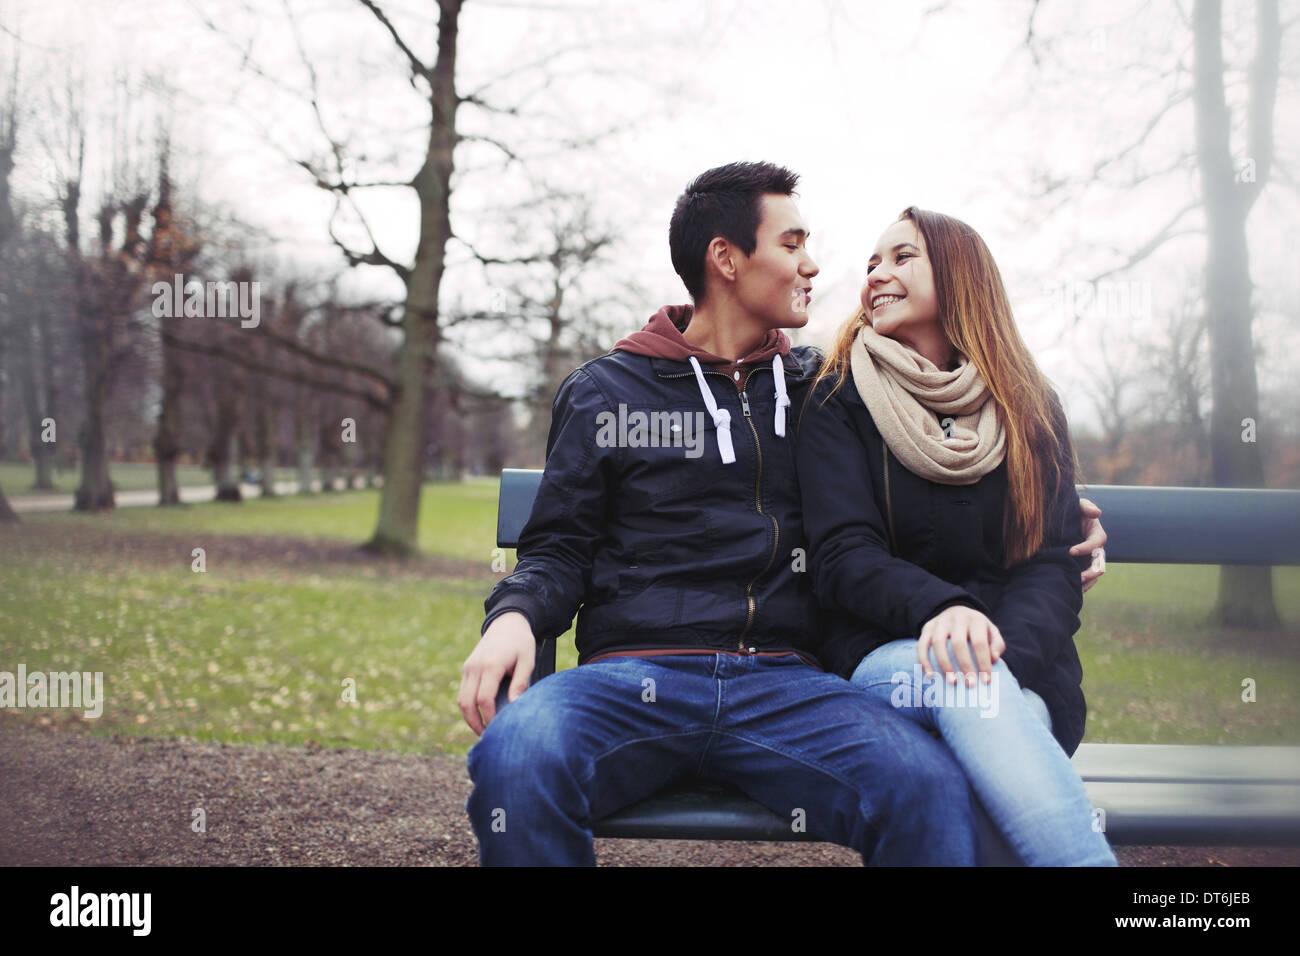 Couple assis sur un banc à l'extérieur pendant la saison d'hiver. Asian teenage couple dans des vêtements chauds assis sur banc de parc. Banque D'Images